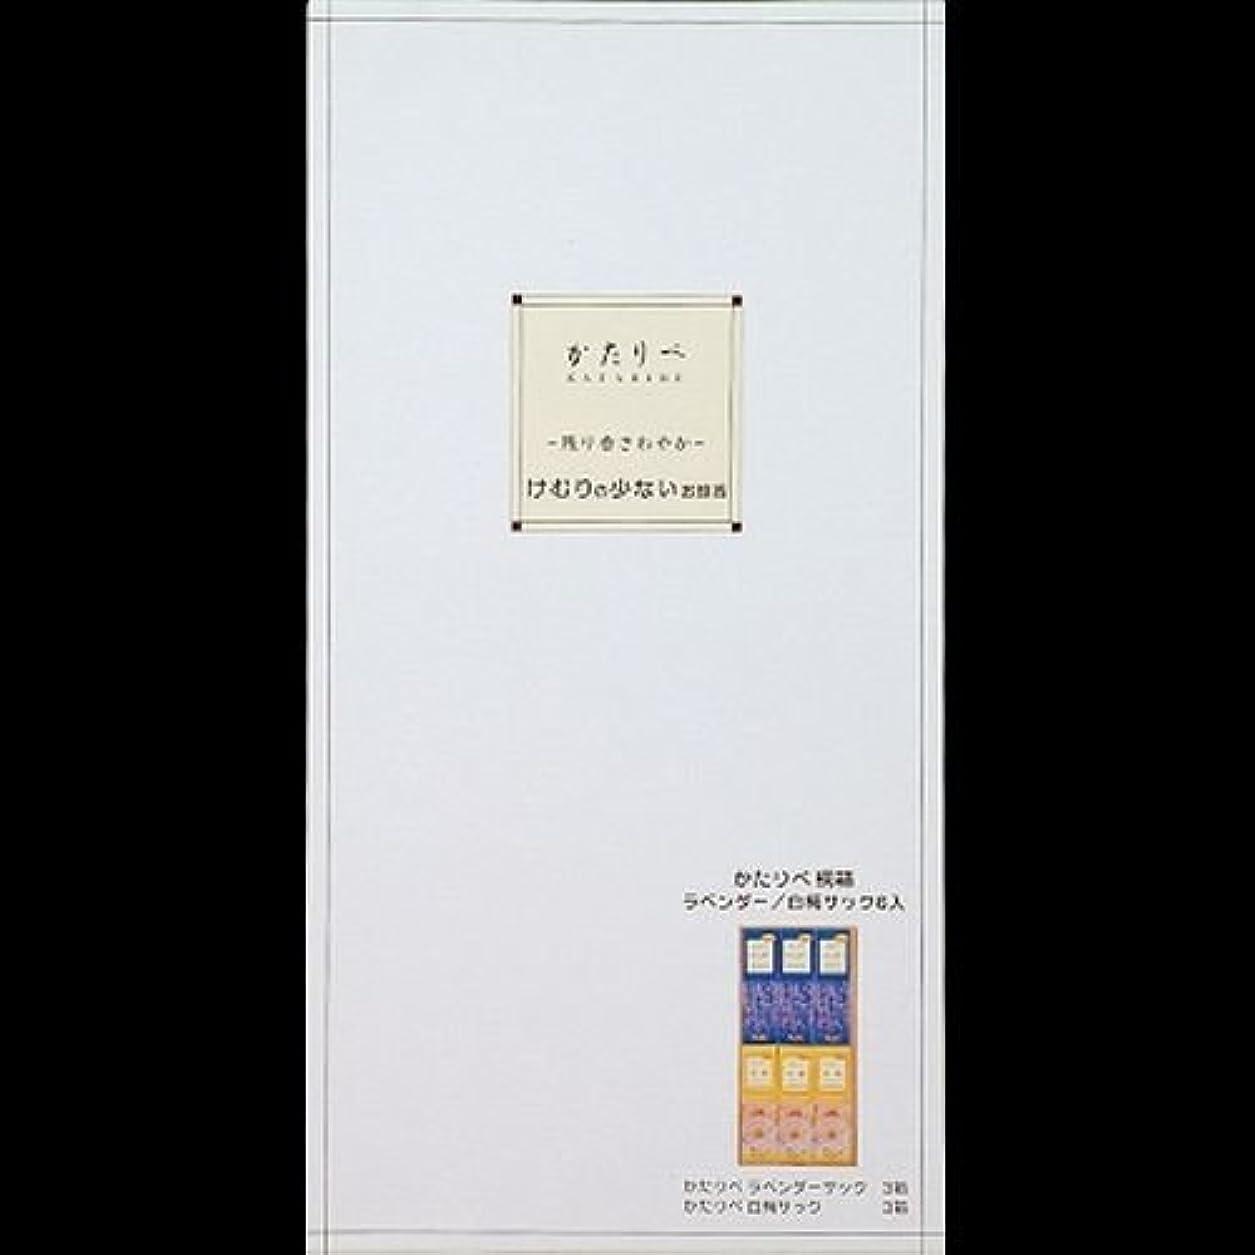 偶然元気火曜日【まとめ買い】かたりべ 桐箱 ラベンダー?白梅 サック6入 ×2セット